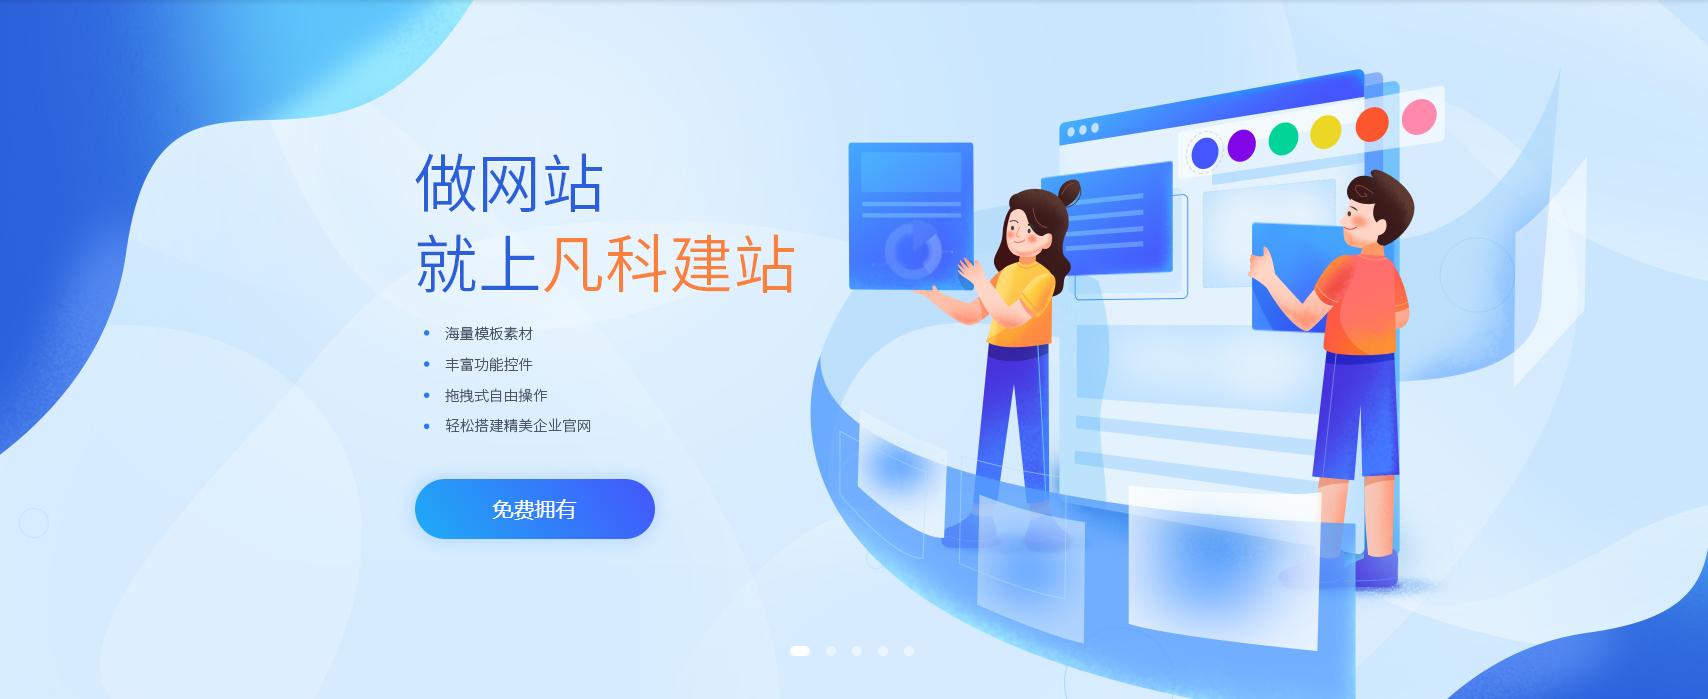 金融安全投资交易类企业网站模板建站